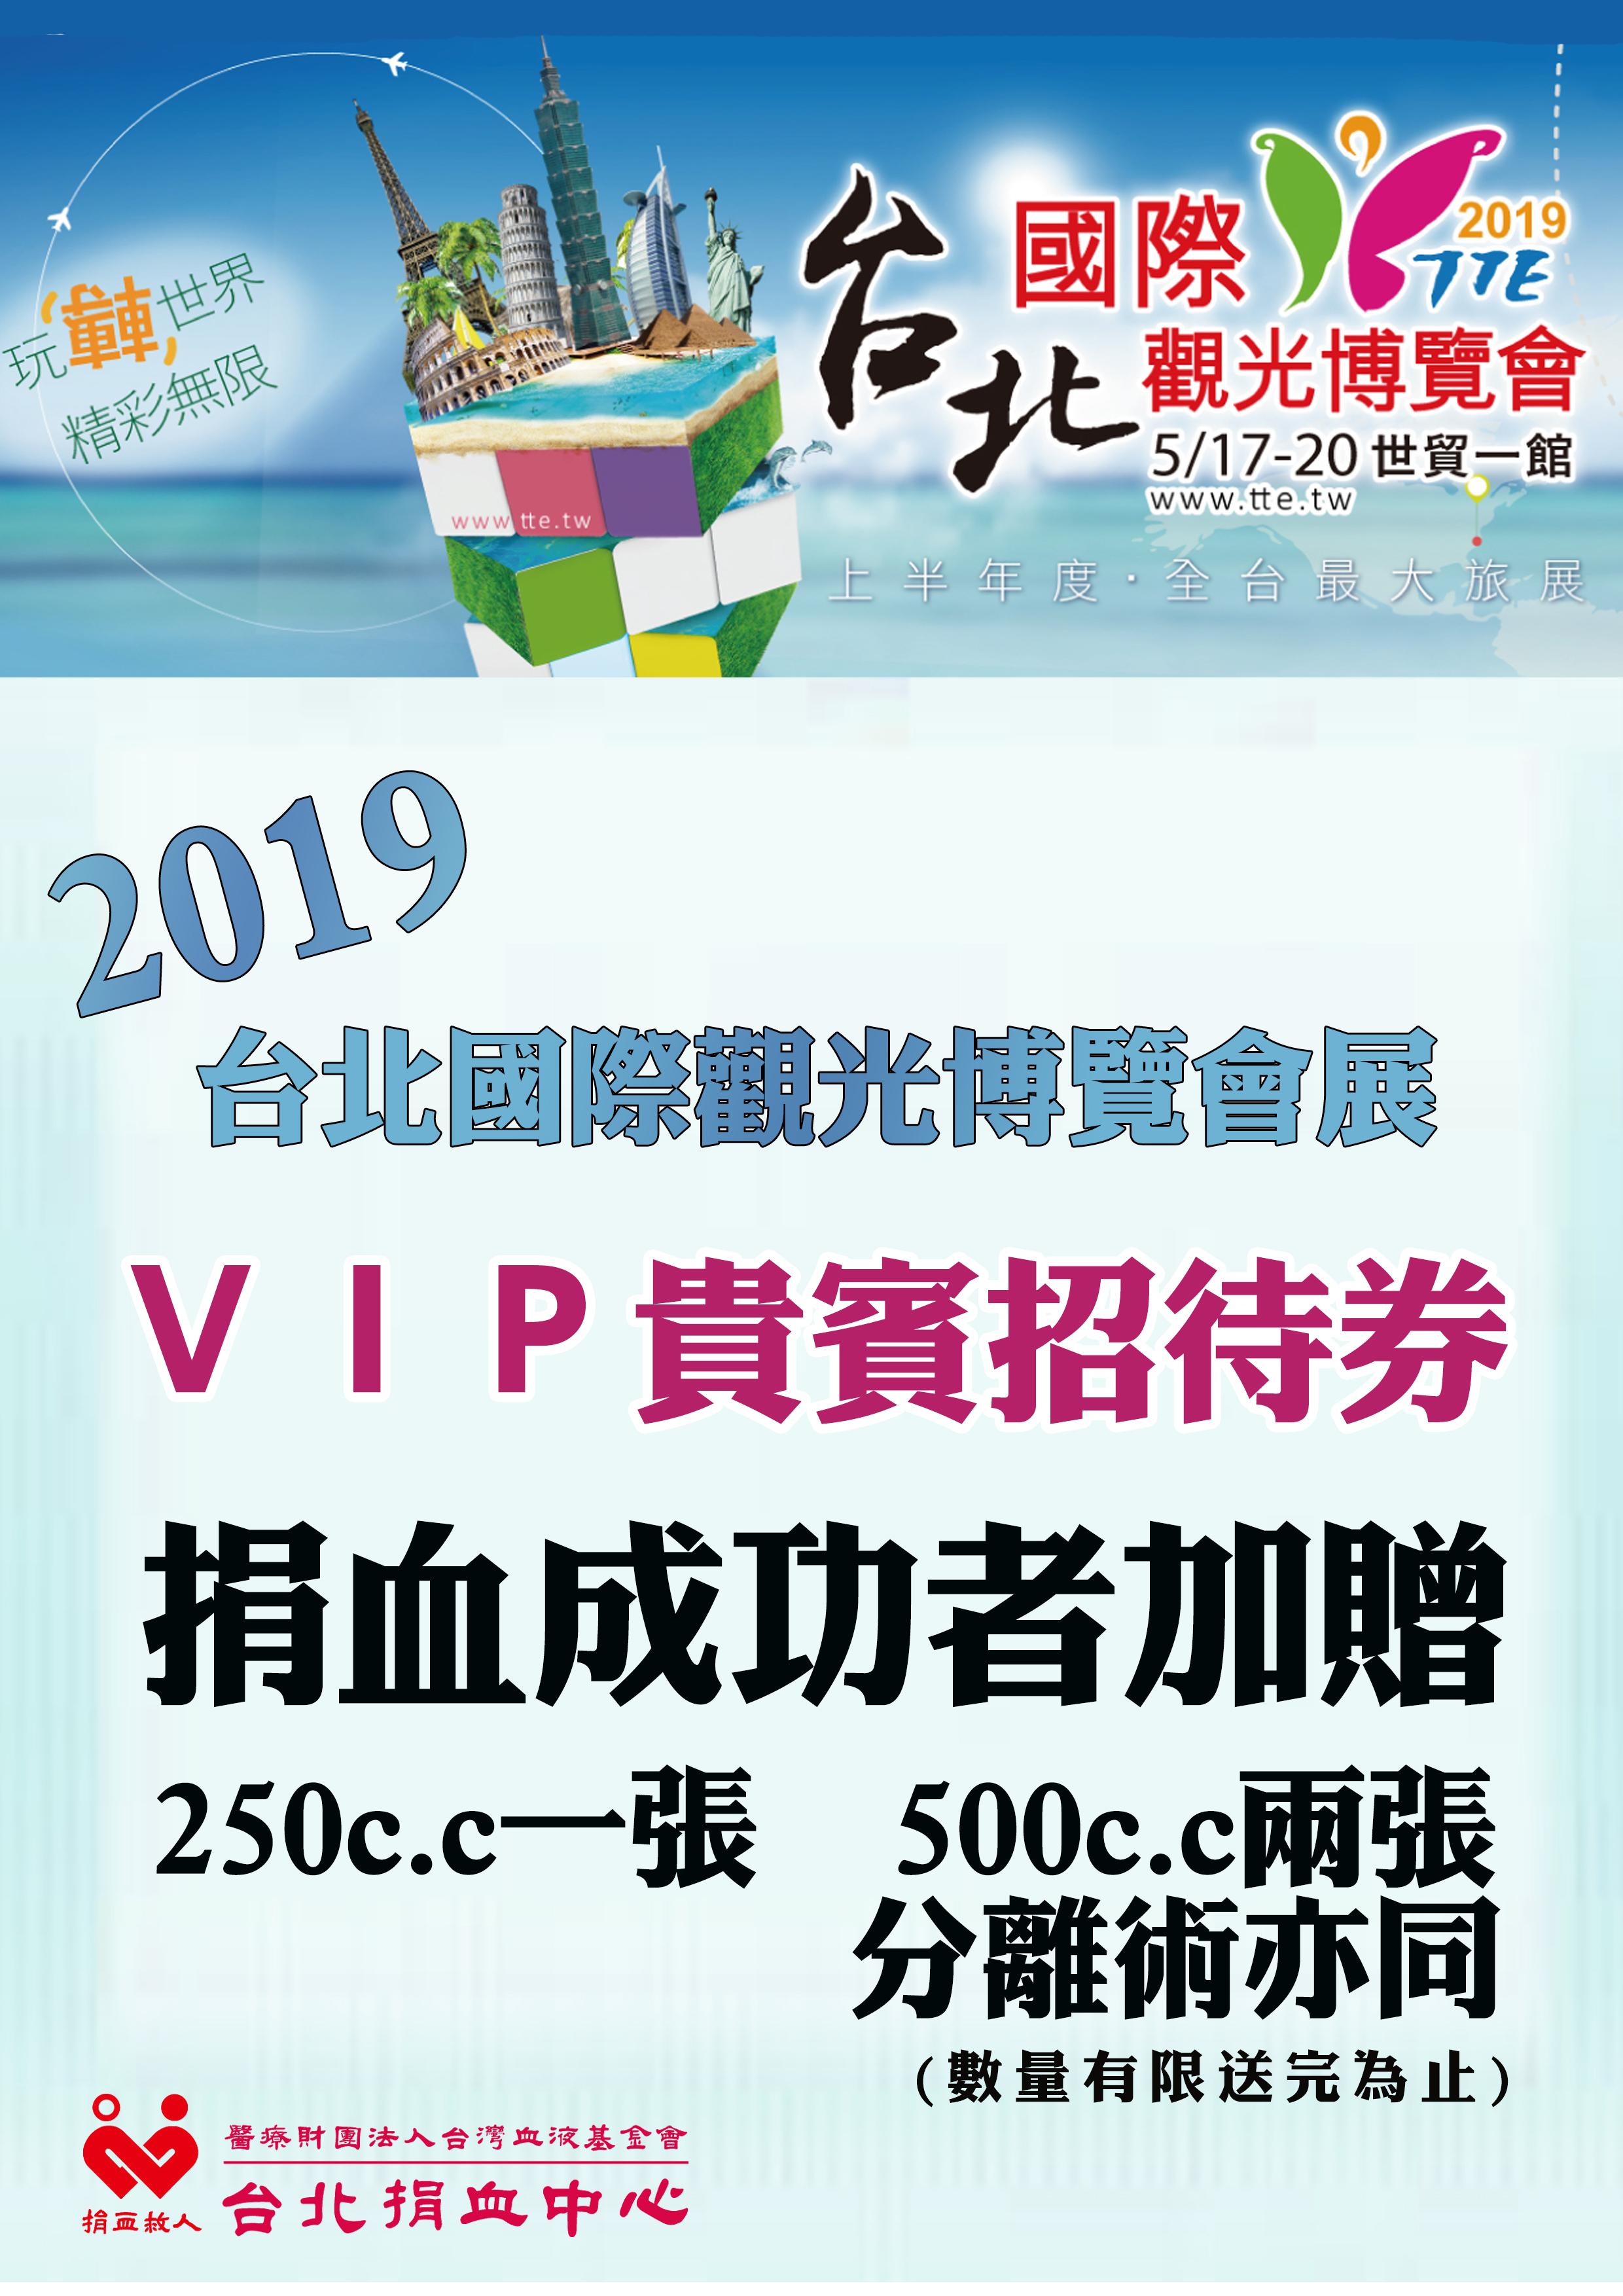 【2019台北國際旅展VIP入場券】捐血送您免費入場